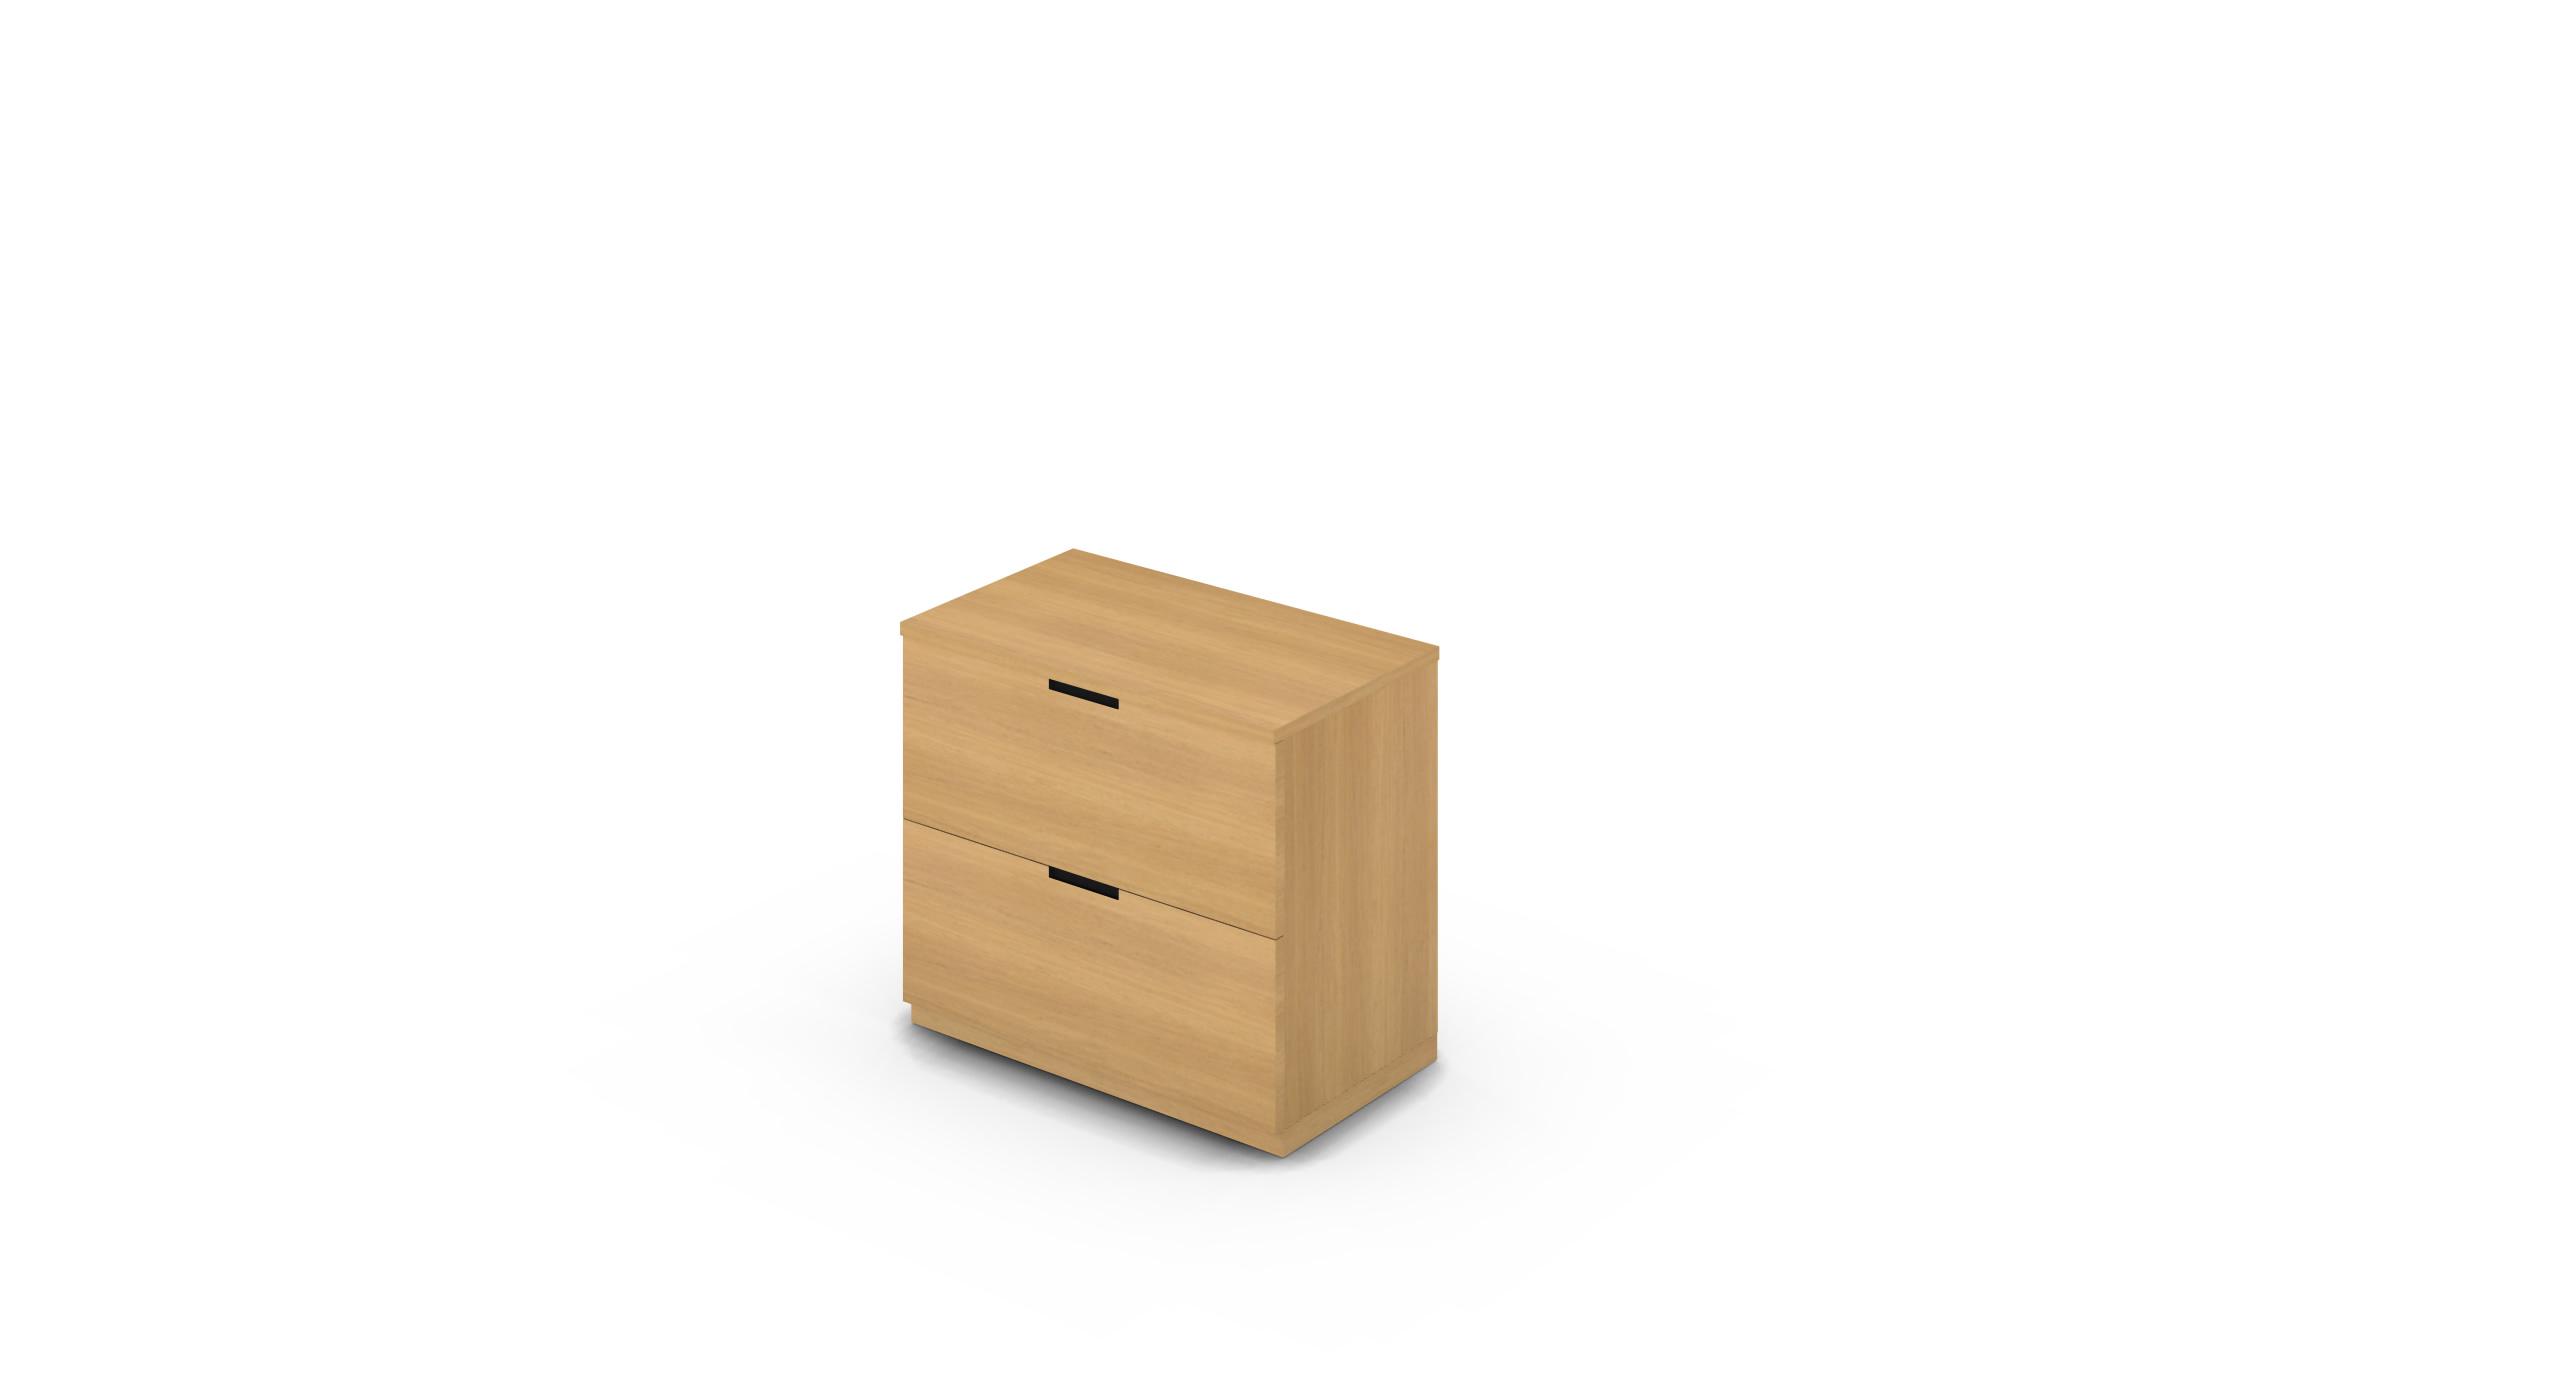 Cabinet_800x450x775_DR_Oak_CutOut_NoCylinder